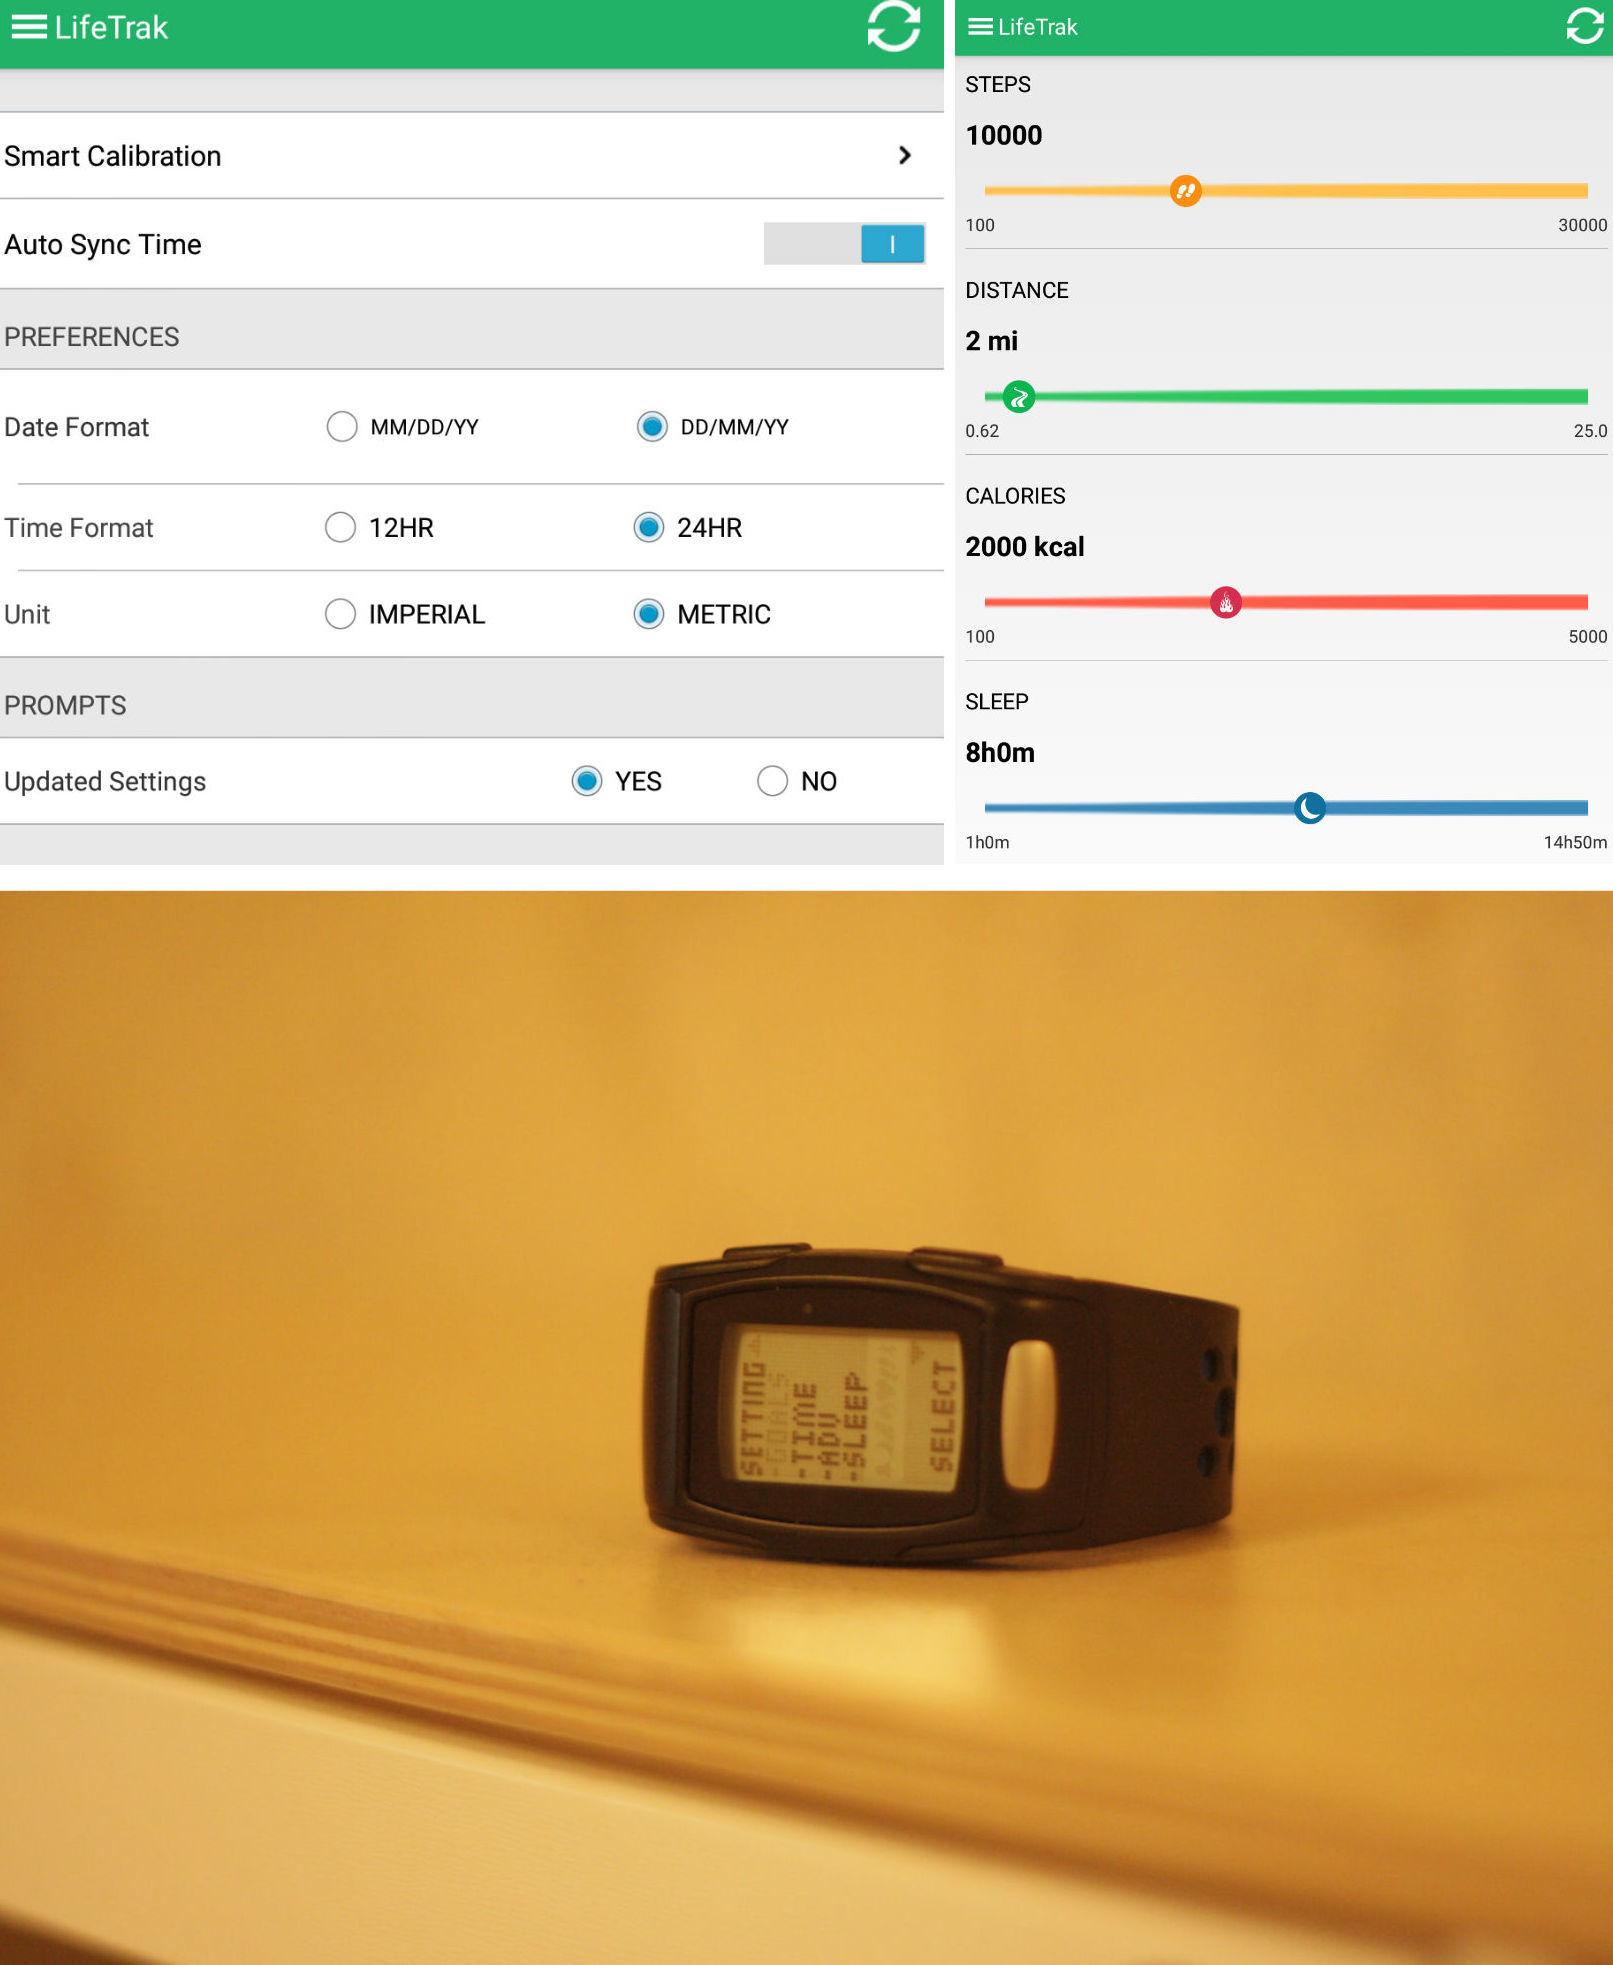 Обзор Lifetrak C410 — «непостоянный» пульсометр для постоянного использования - 6